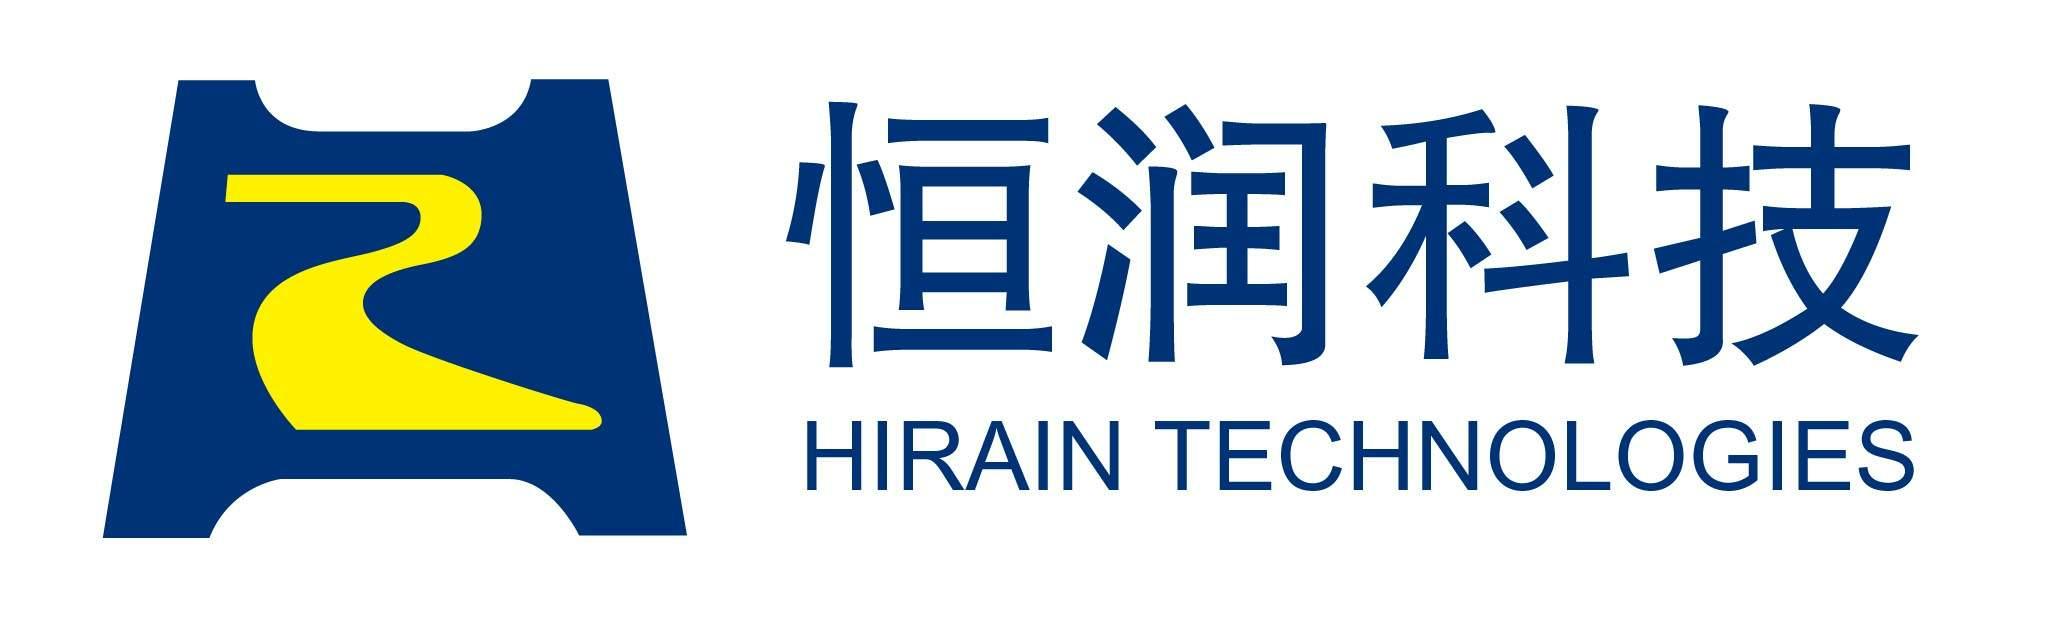 Beijing Jingwei Hirain Technologies Co., Inc.